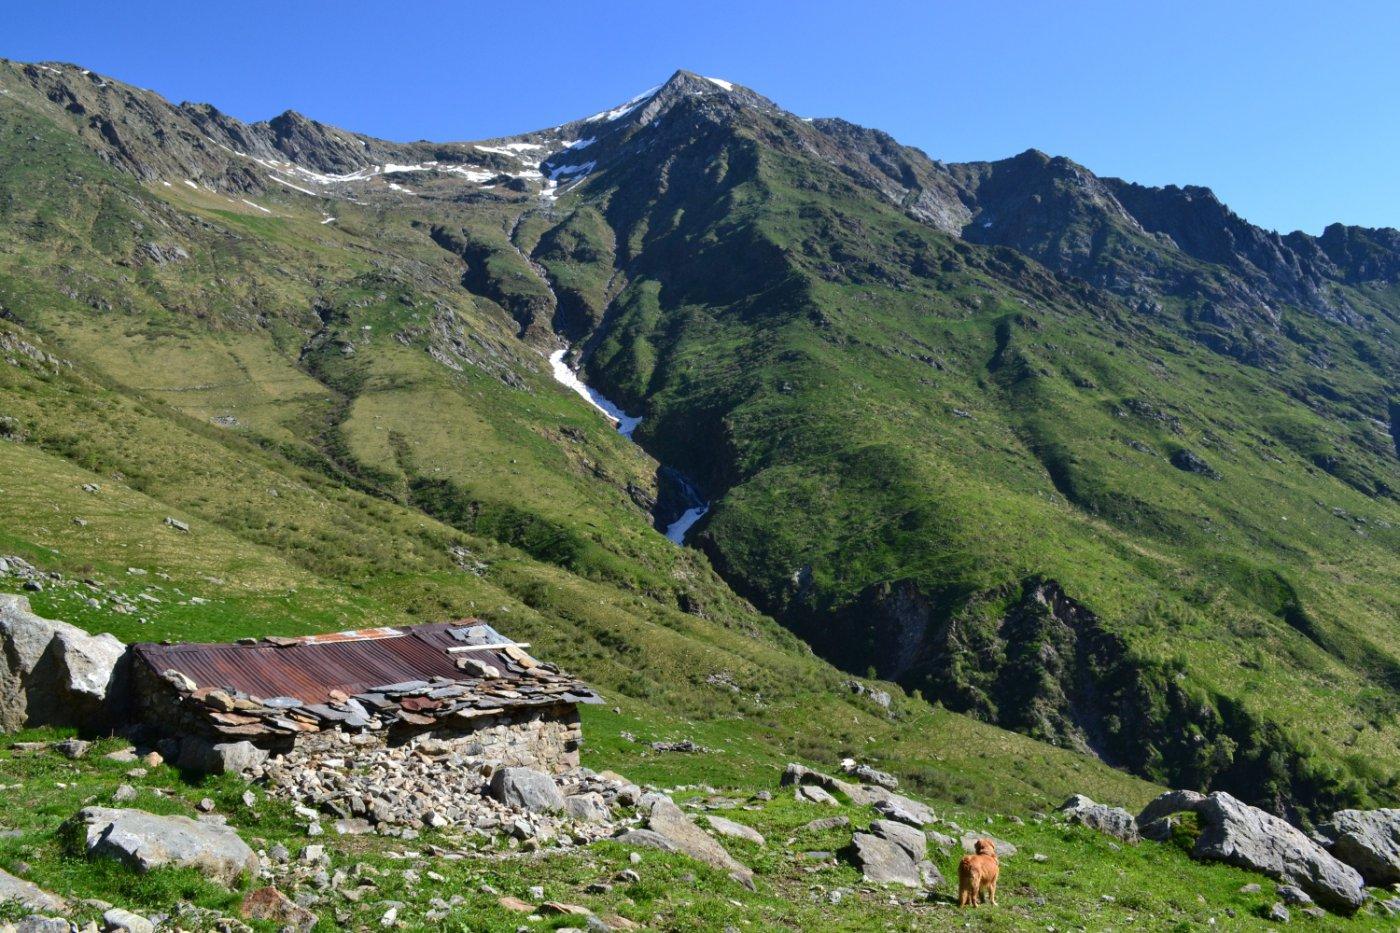 il Monte Cardinello visto dall'Alpe Prato Fiorito (1559 m)